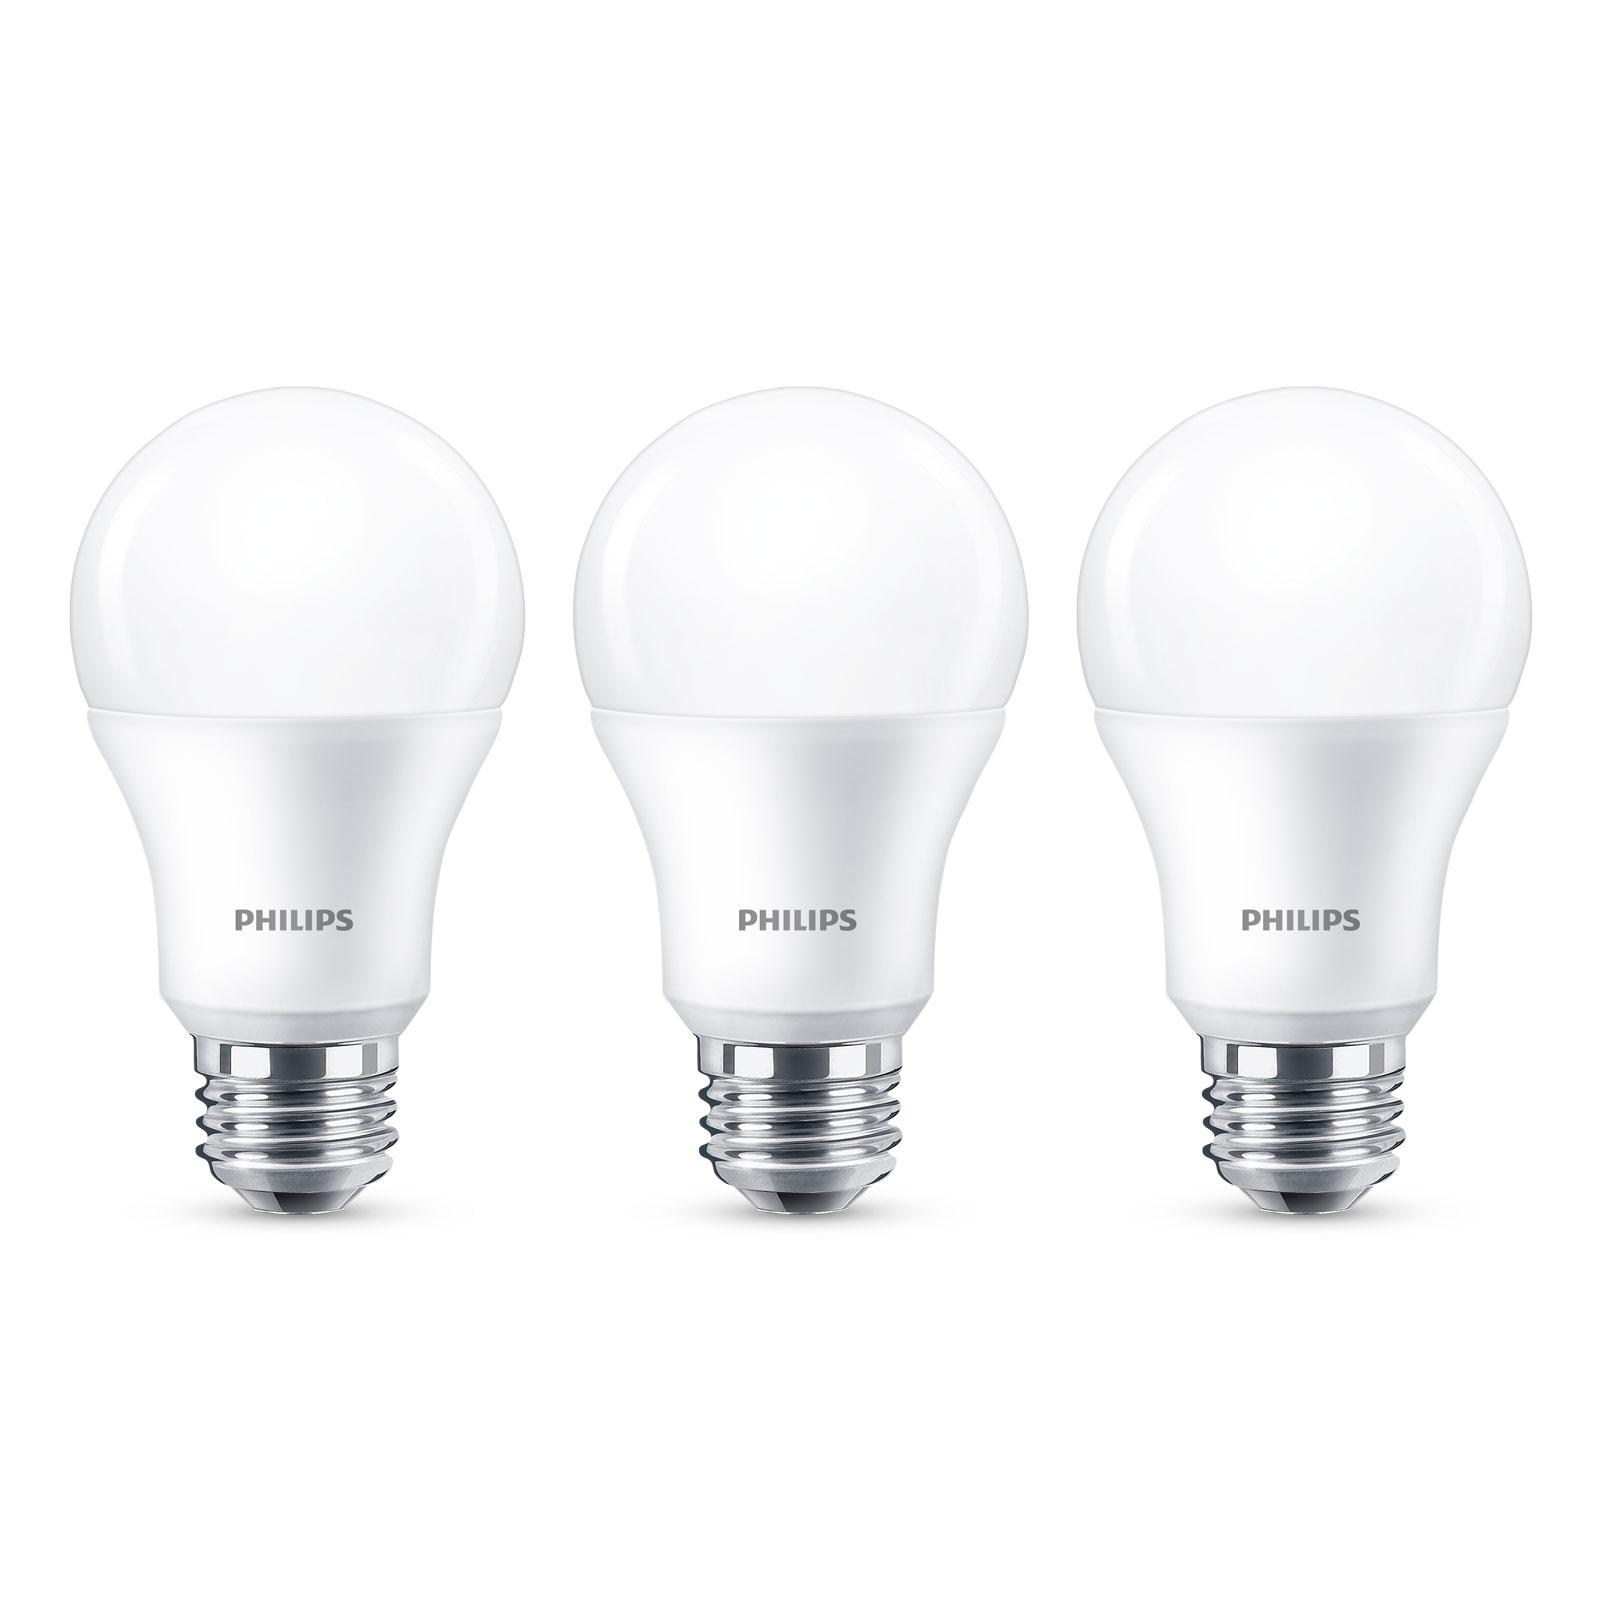 Philips E27 żarówka LED A60 8W 2700K 3 szt.